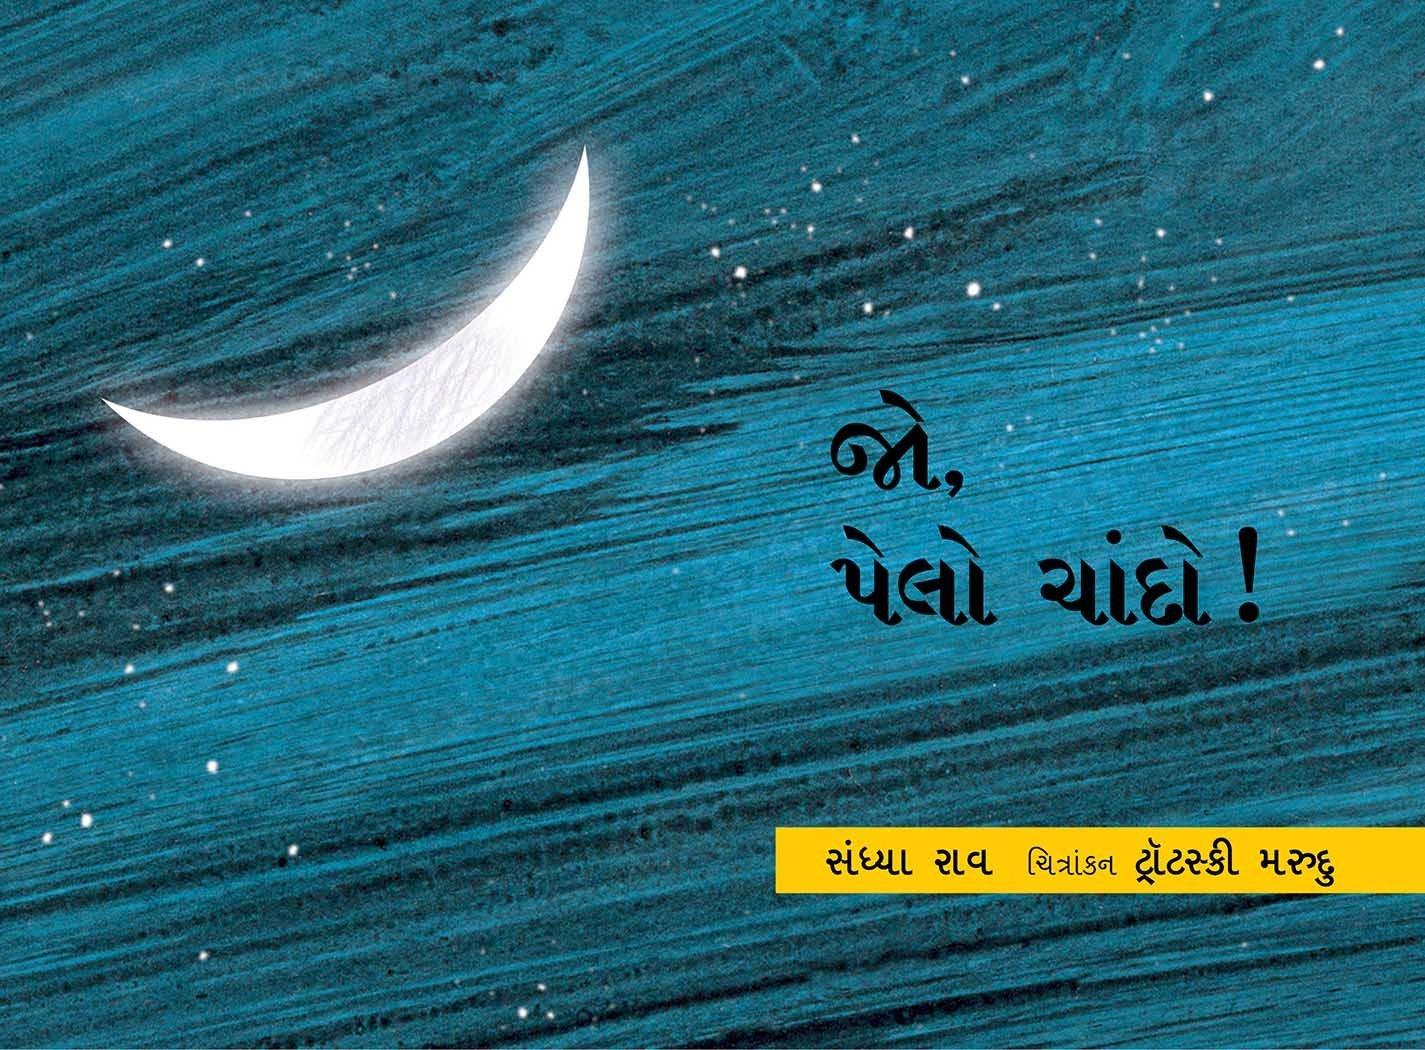 Look, the Moon! ebook